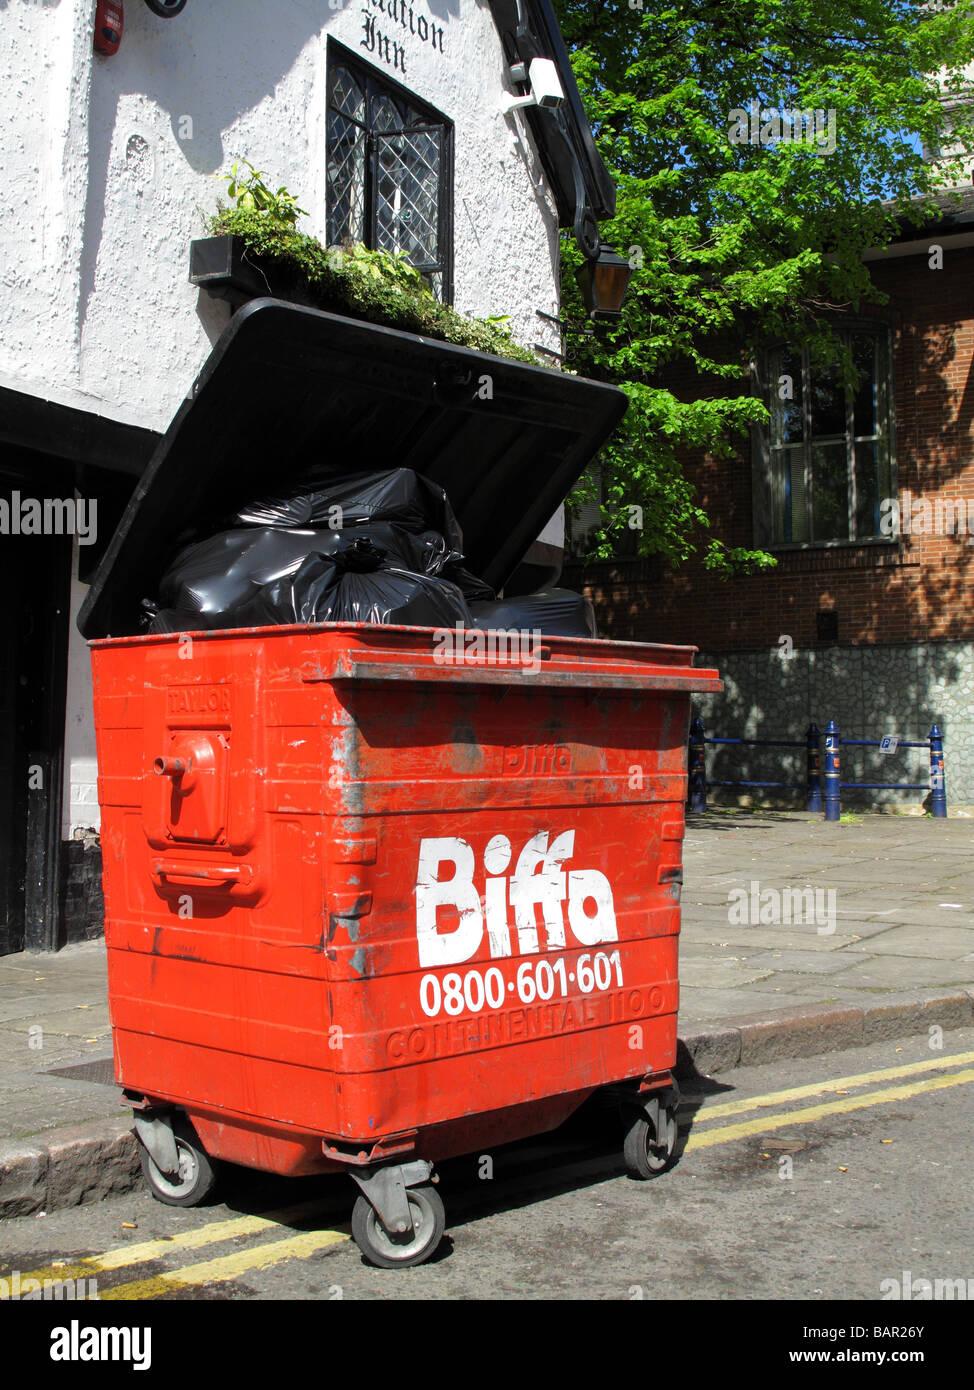 Un desperdicio Biffa saltar en una calle del Reino Unido. Imagen De Stock